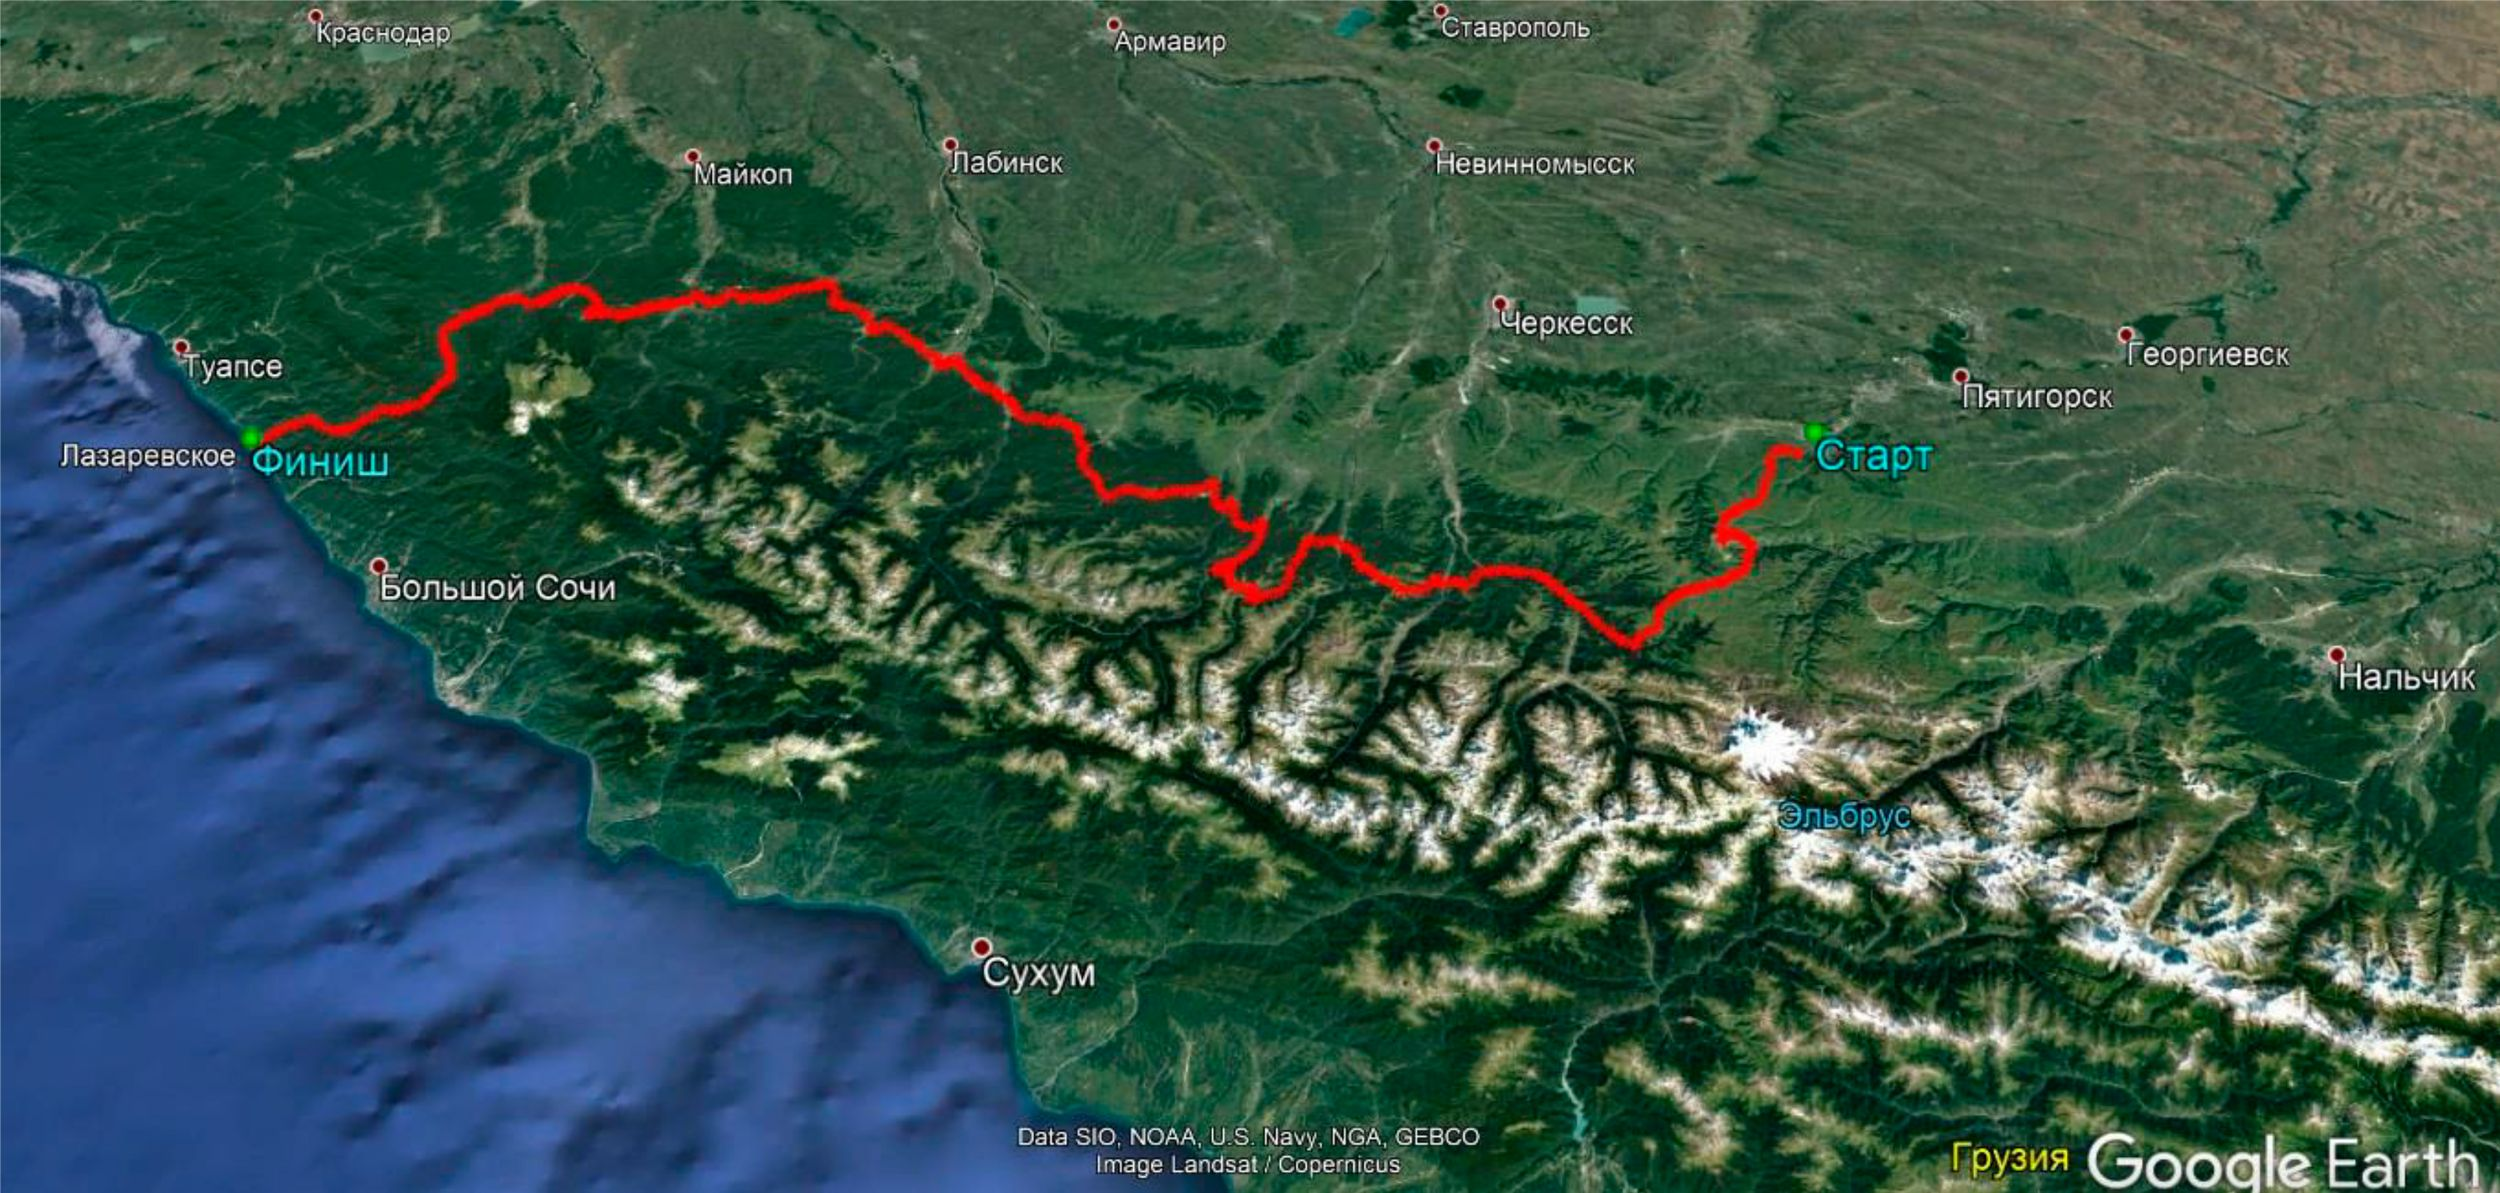 Анонс клубной поездки с 18 по 26 сентября 2021г. на квадроцикле или багги «От Эльбруса до Сочи»